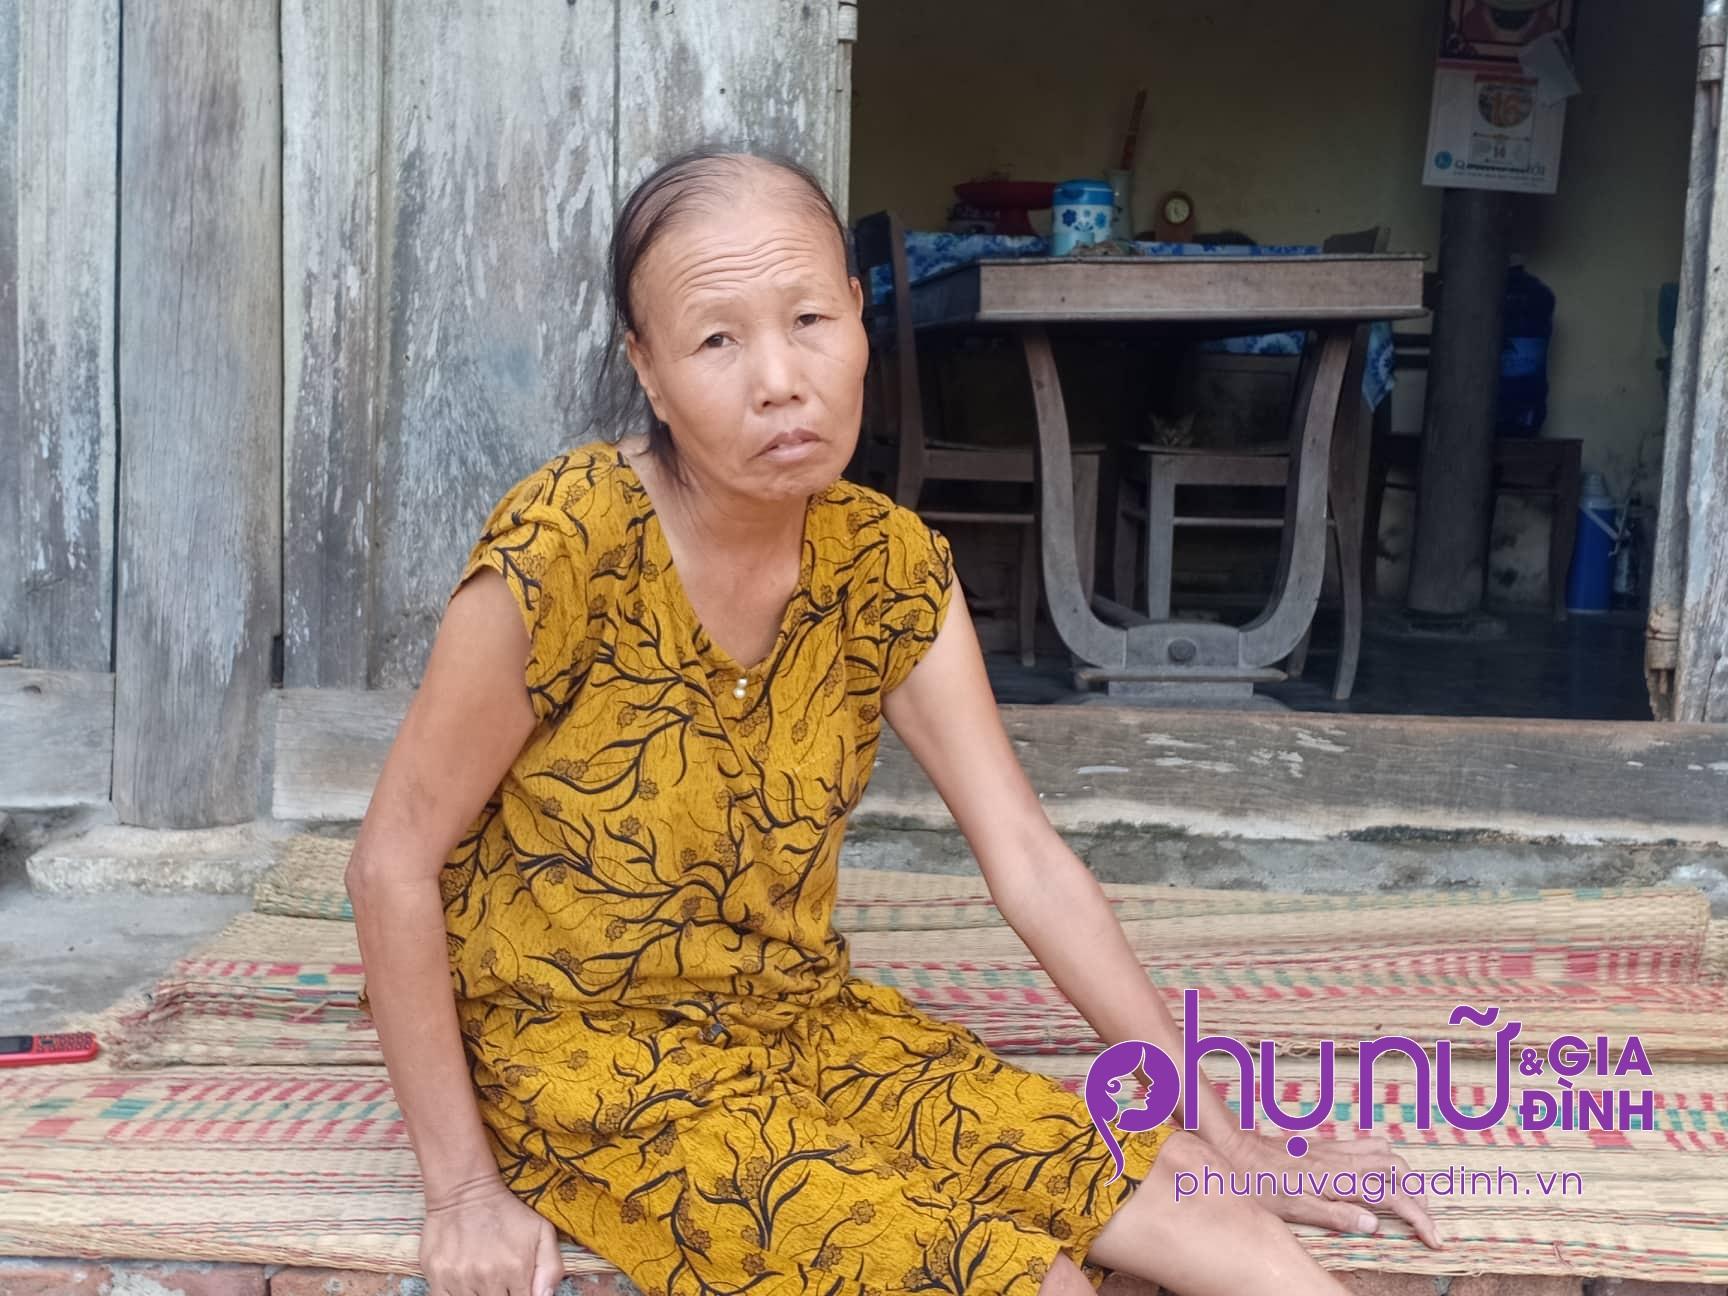 Bi đát cảnh đời cụ bà 83 tuổi nuôi con gái 51 tuổi mắc bệnh ung thư: 'Tôi mà chết, con sẽ sống thế nào đây?' - Ảnh 2